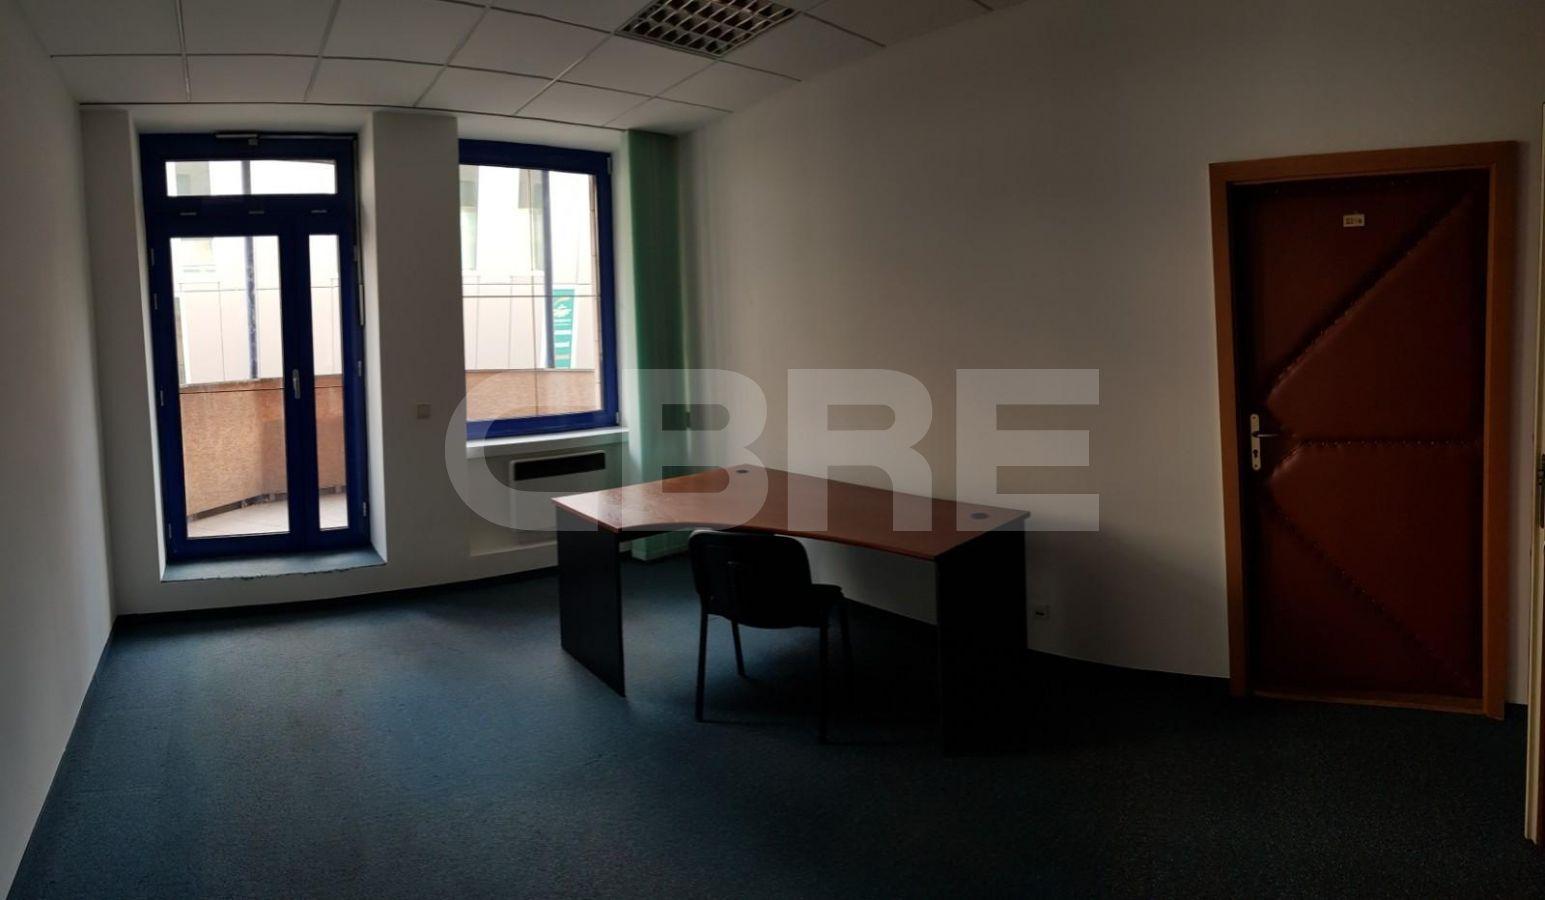 Administratívna budova Janka Kráľa, Banská Bystrica | Offices for rent by CBRE | 1